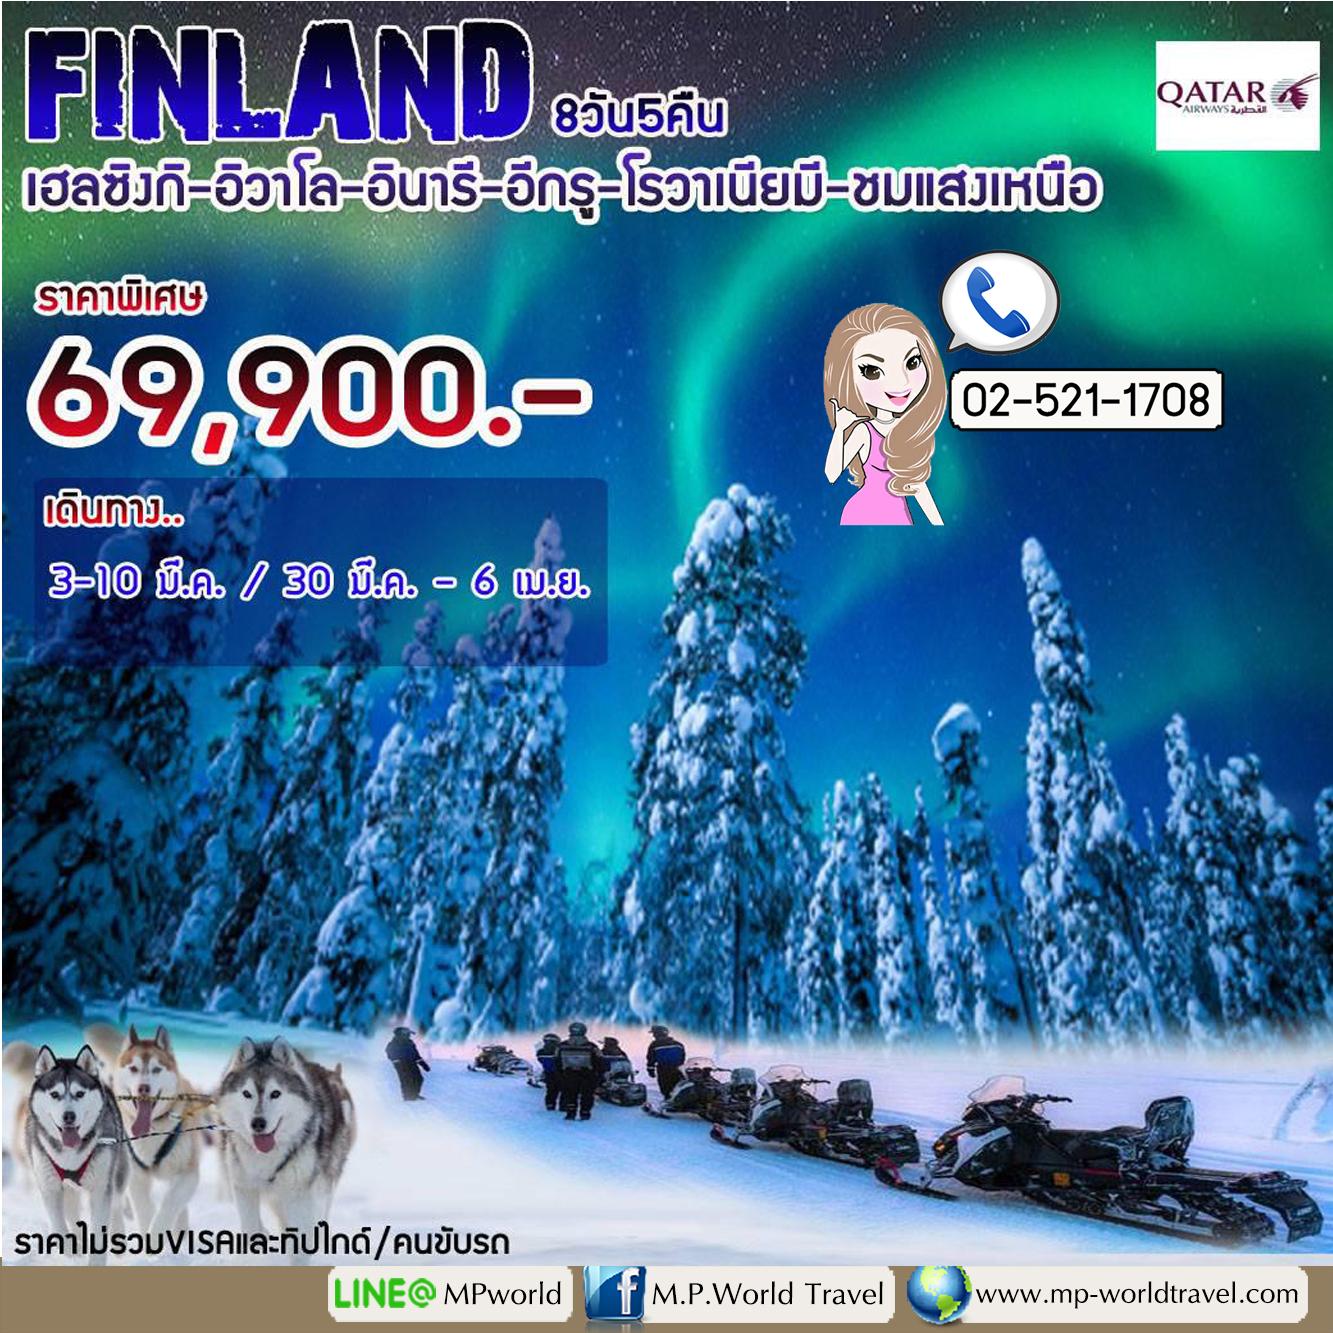 ทัวร์ยุโรป ฟินแลนด์ ล่าแสงเหนือ 8 วัน 5 คืน